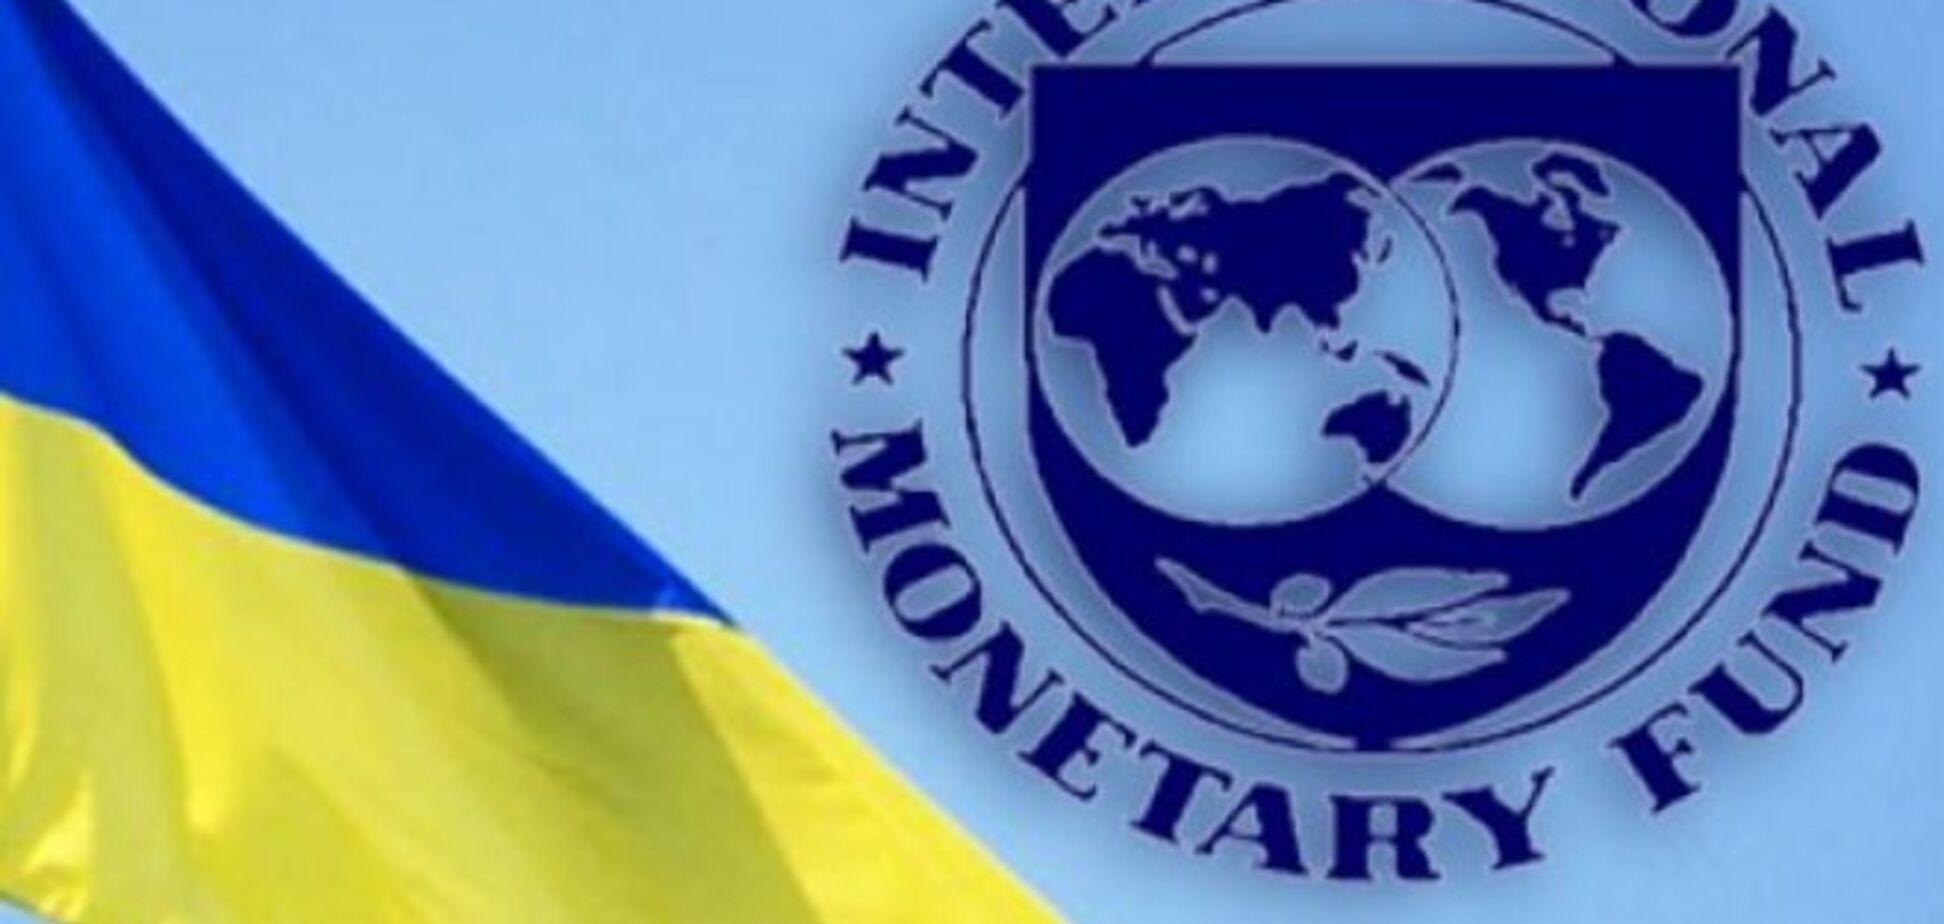 МВФ признал, что его советы были ошибочными для Украины